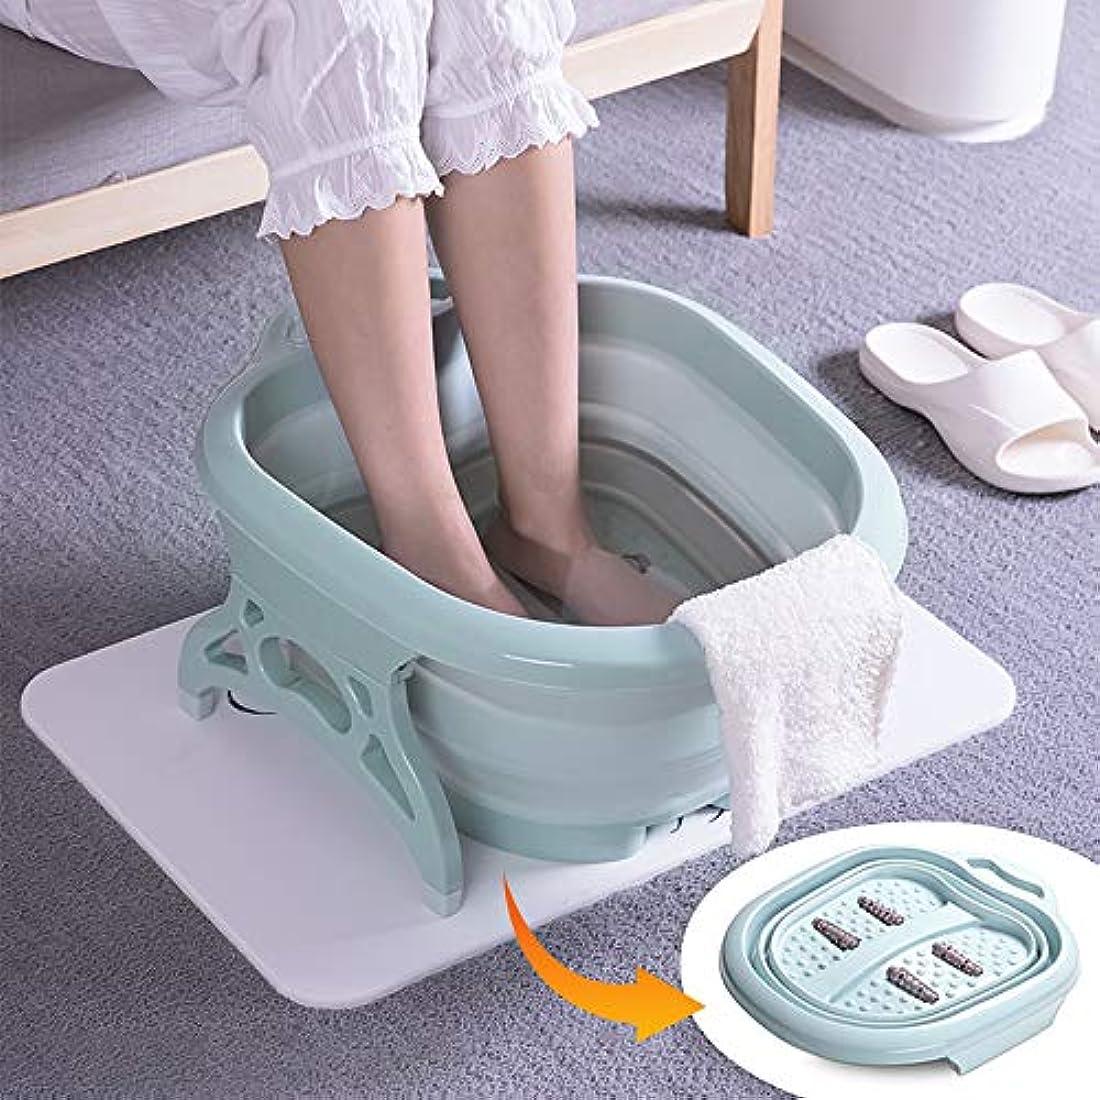 粗いレッスンやめるRunkai折りたたみ足浴桶 軽量収納便利足湯器 放松 防寒フットバス マッサージ フットケアPP 足浴 PP 足浴 (Blue)